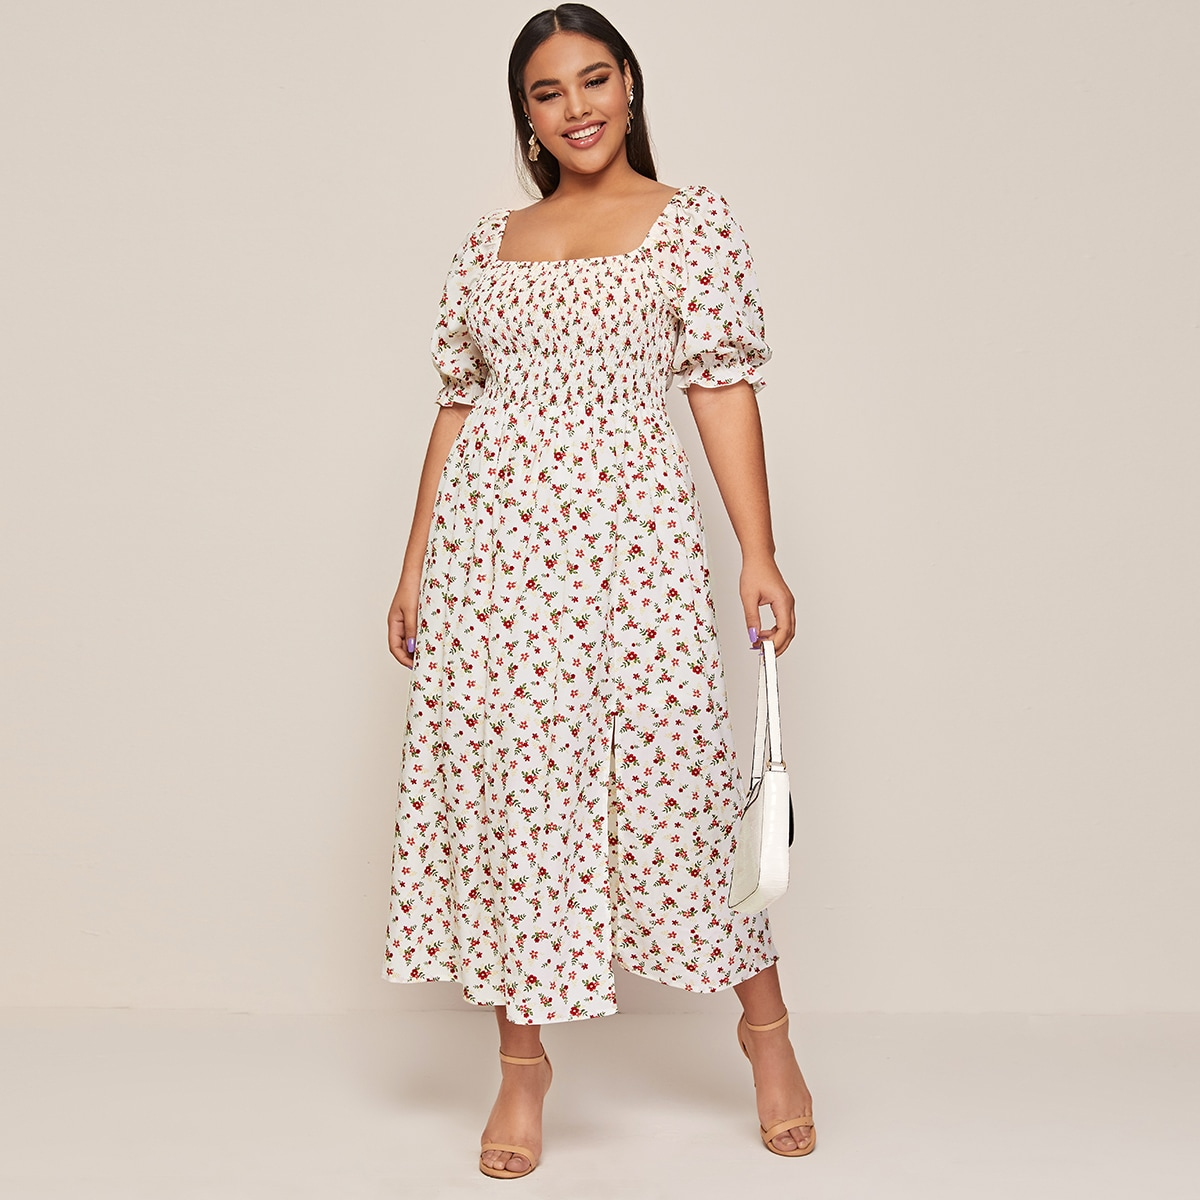 Цветочное платье размера плюс с разрезом и пышным рукавом